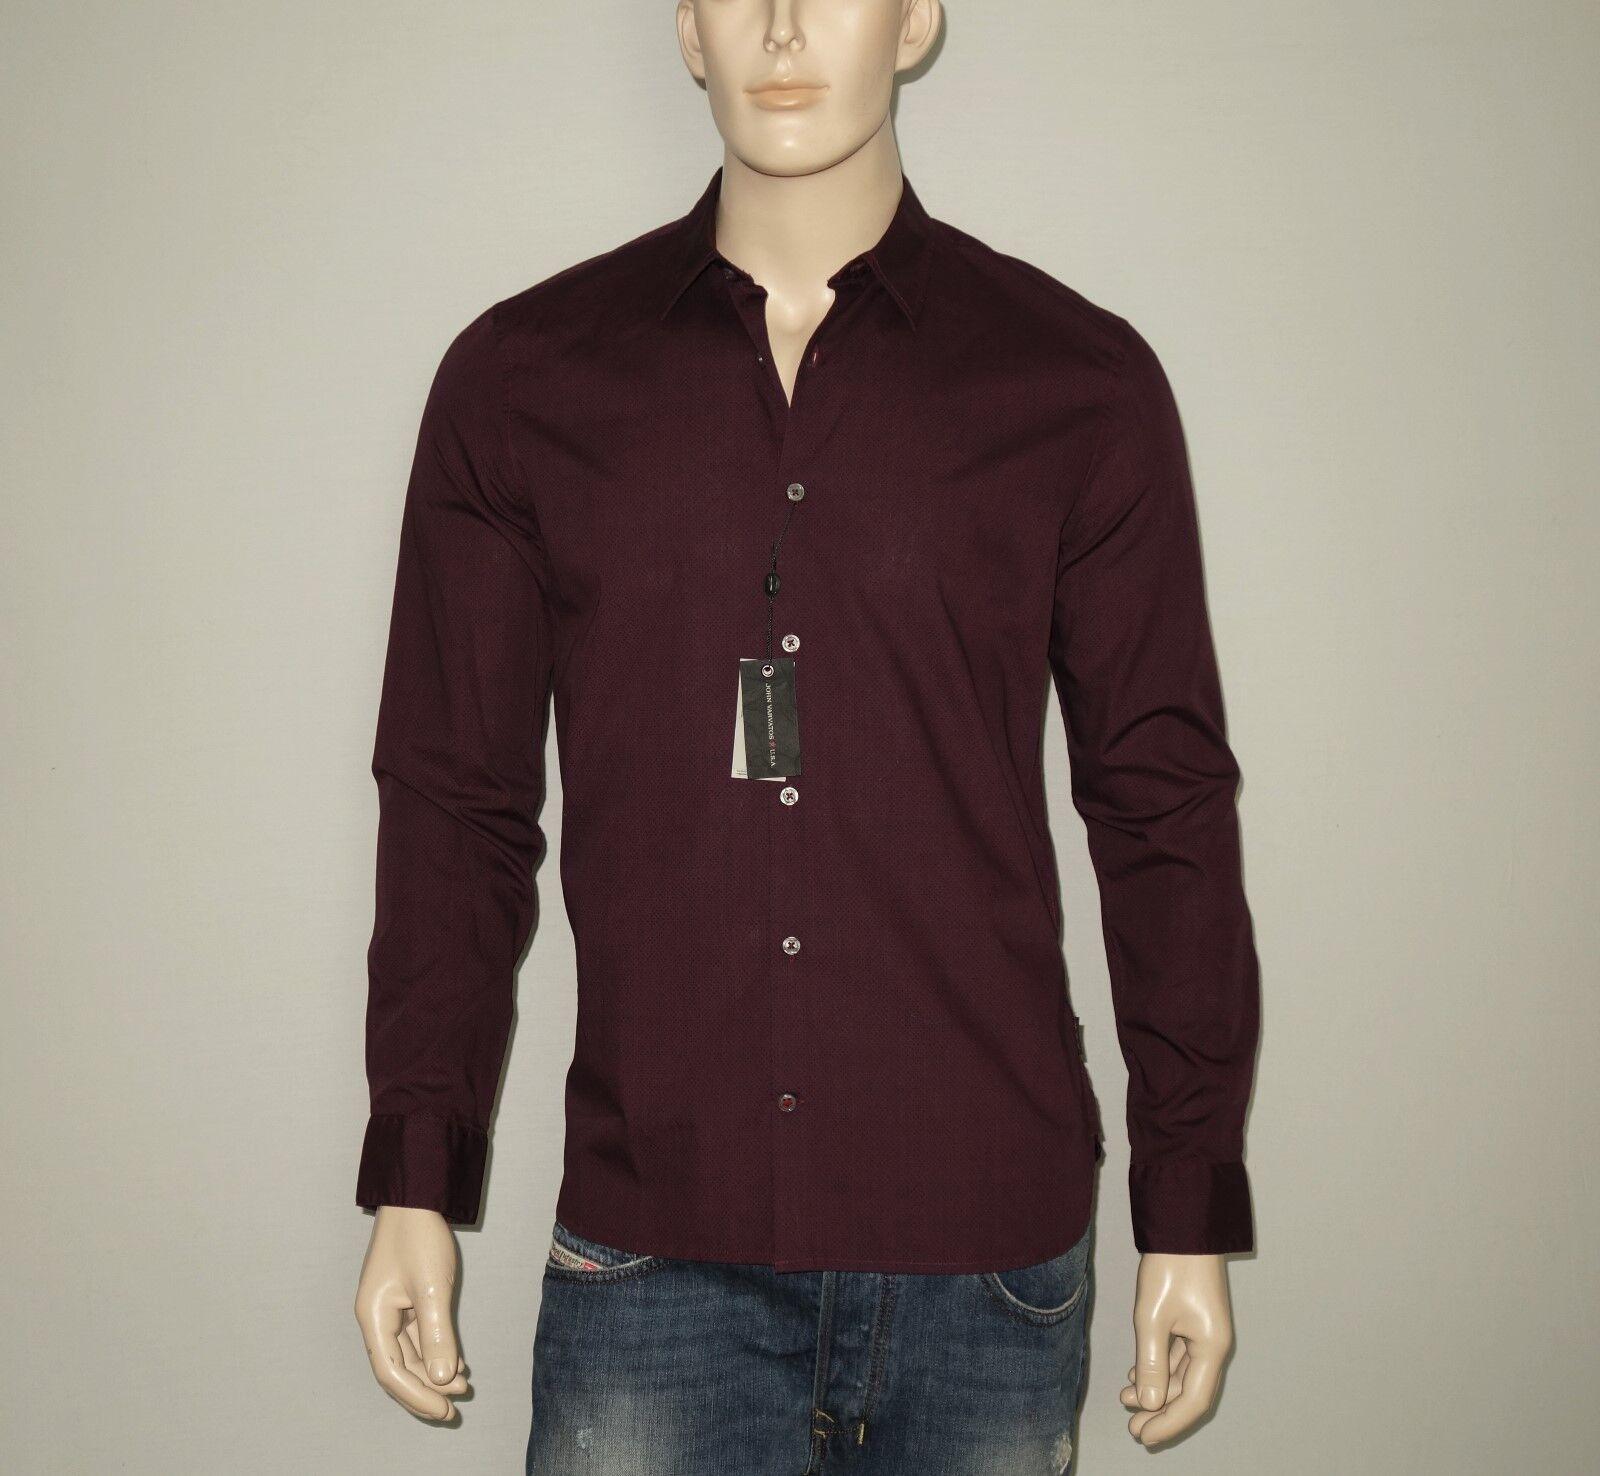 148 NEW John Varvatos Shirt in Garnet LARGE 35/36 Long Sleeves 100% Cotton